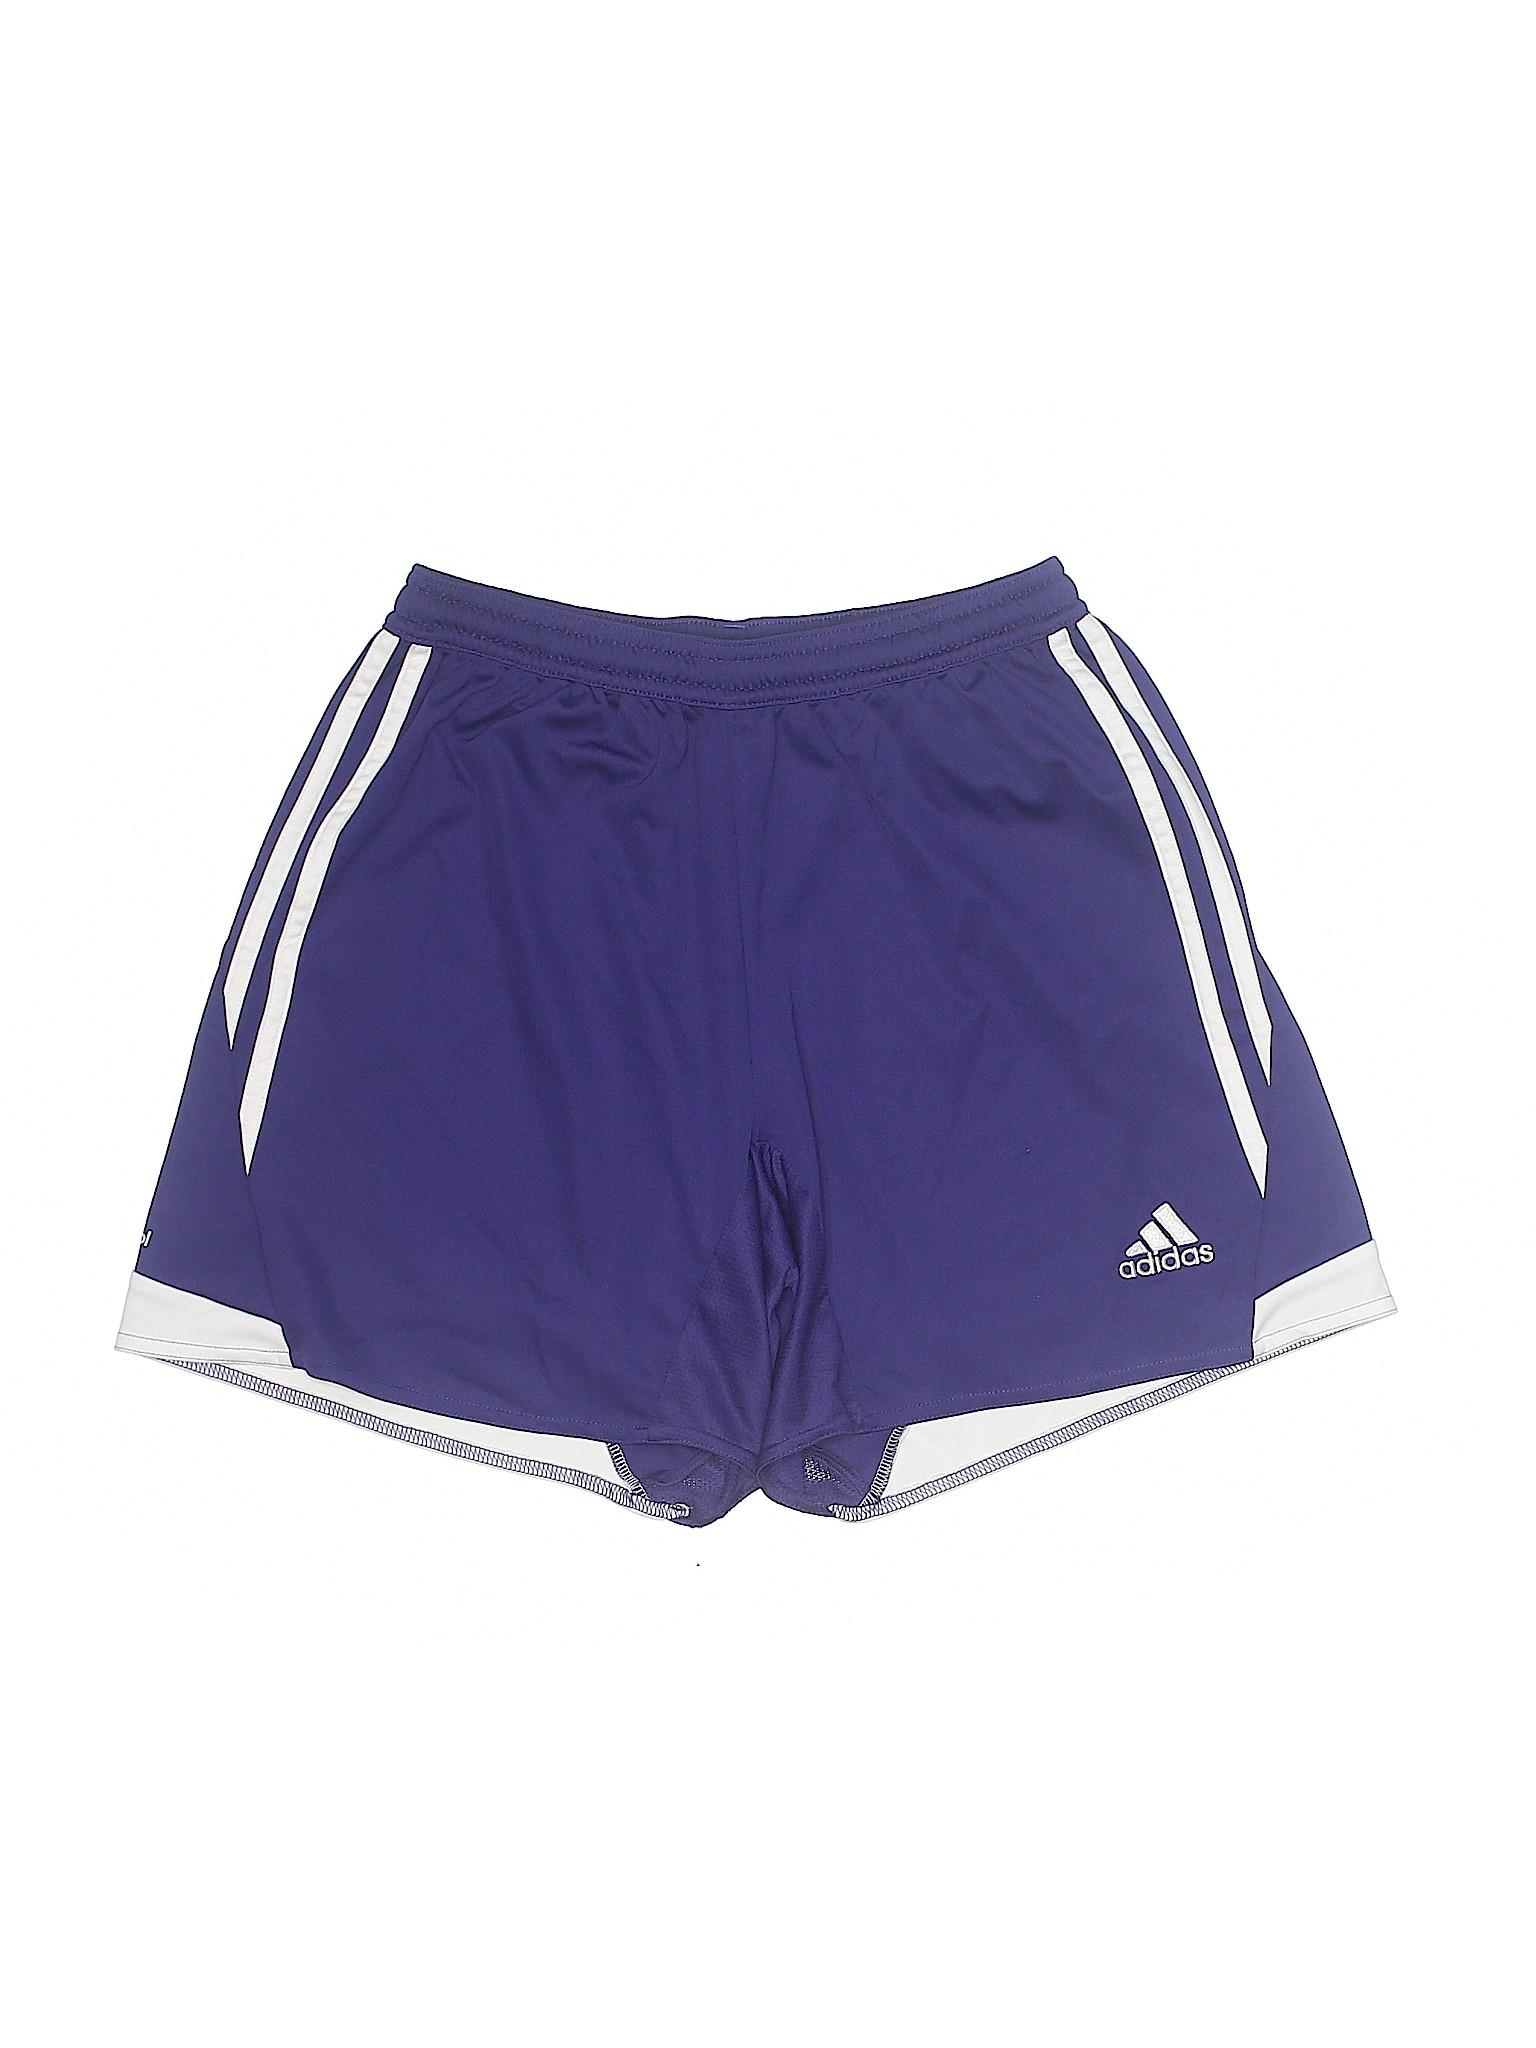 Athletic Boutique Shorts Adidas Boutique Athletic Boutique Adidas Adidas Athletic Athletic Adidas Boutique Shorts Shorts FxEpxSHq